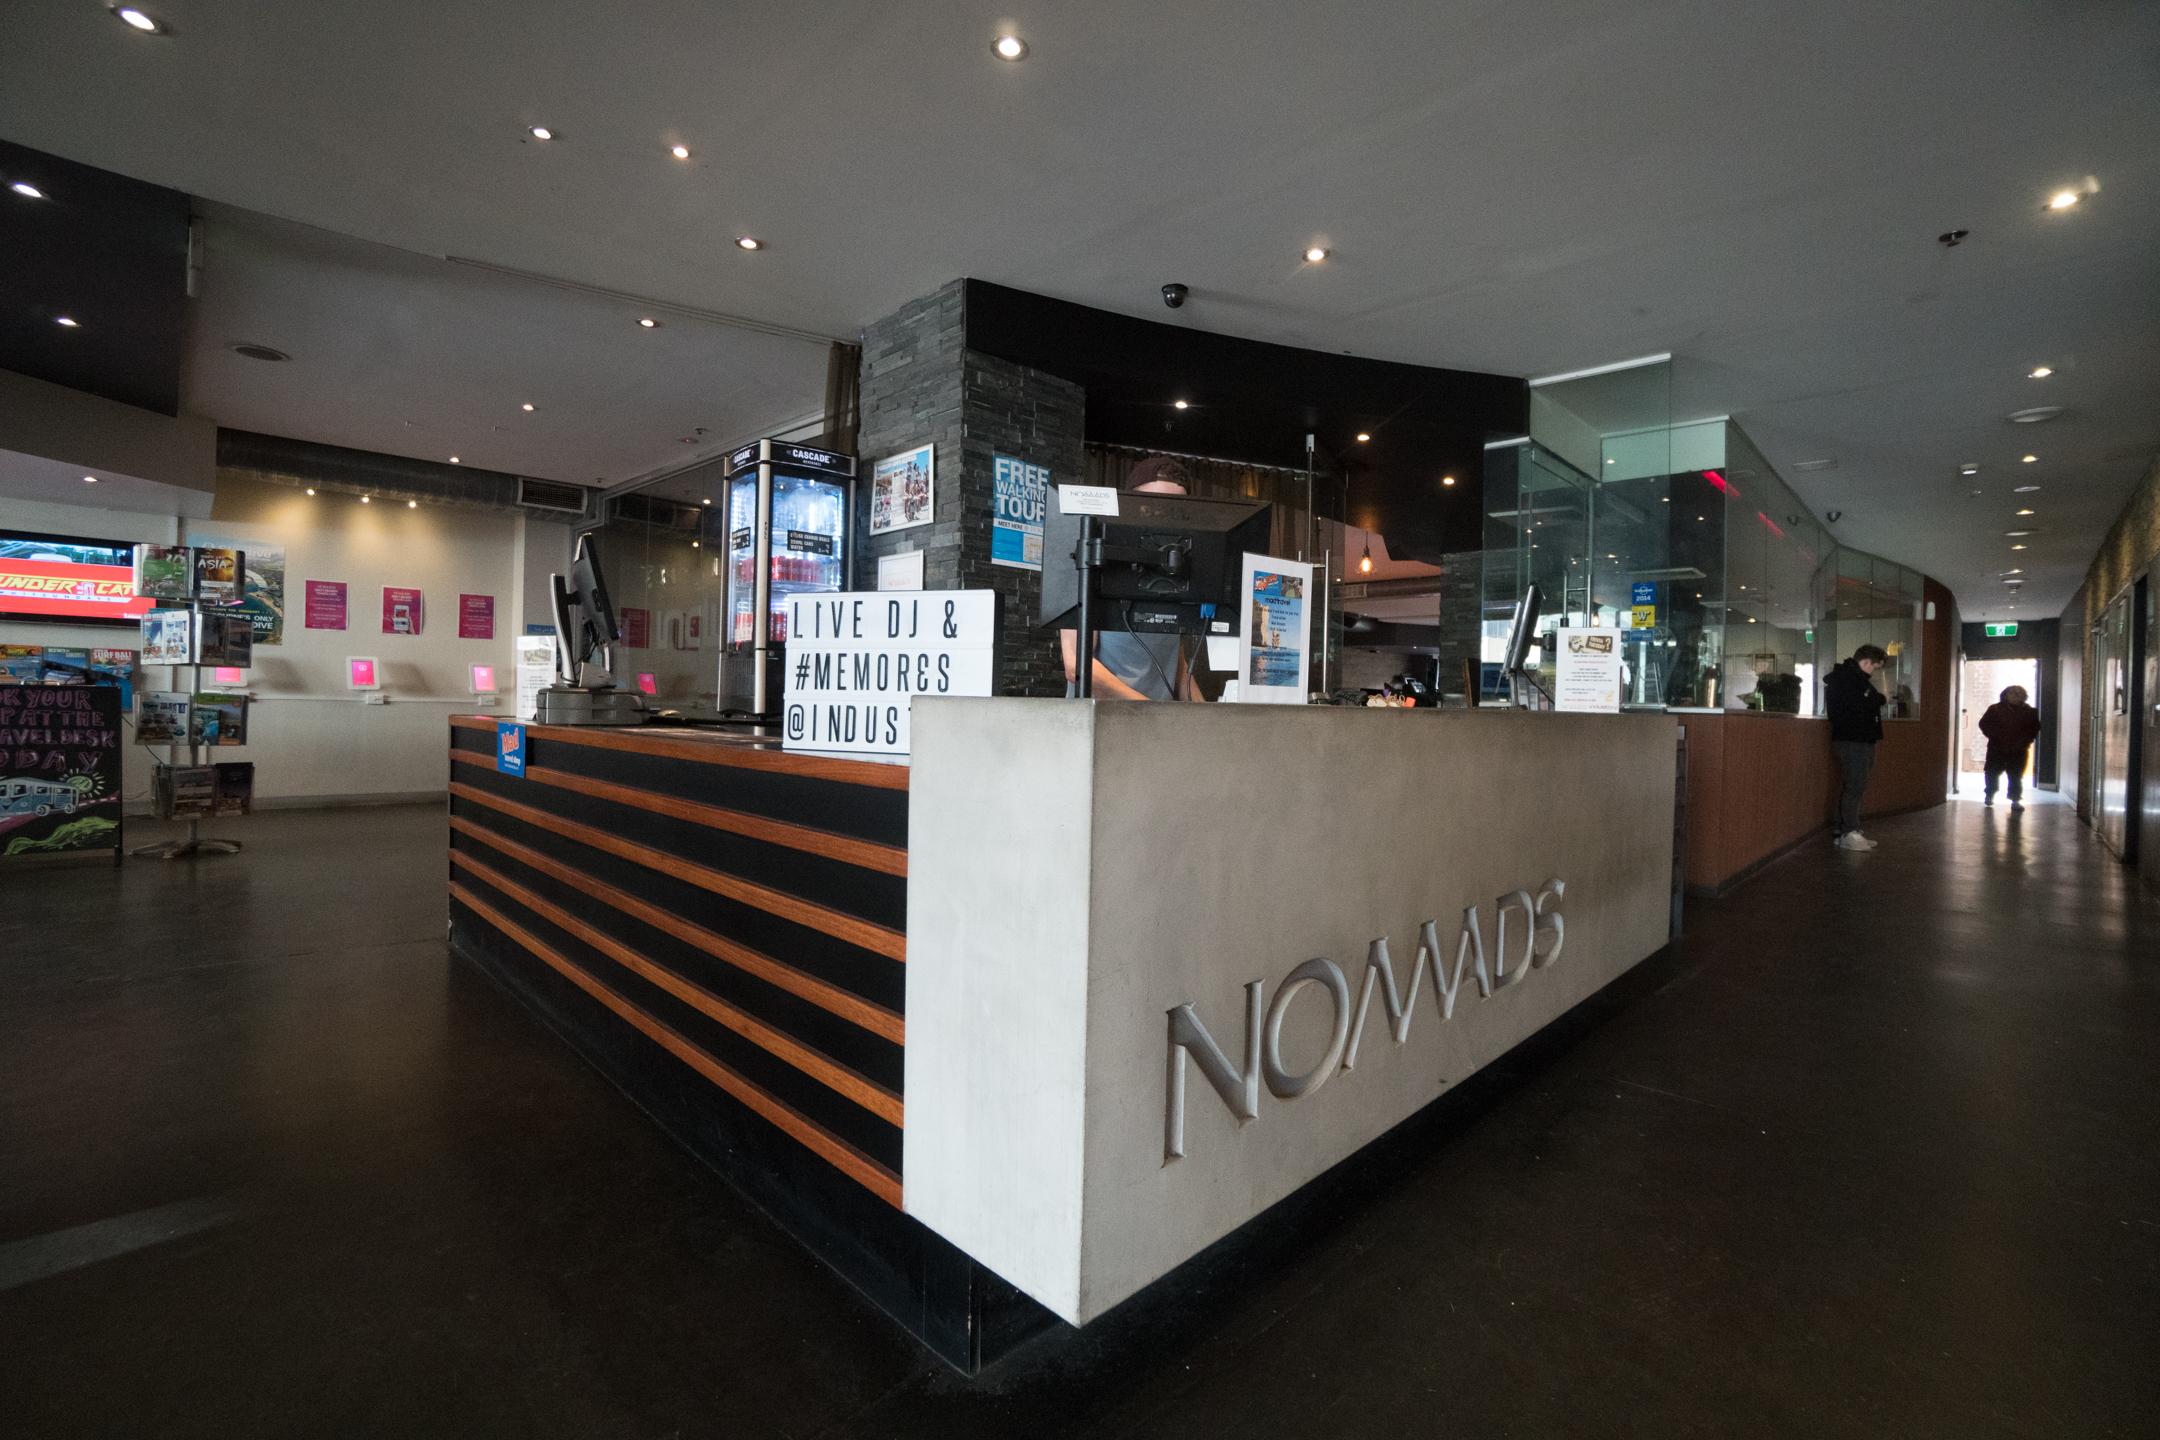 HOSTEL - Nomads Melbourne